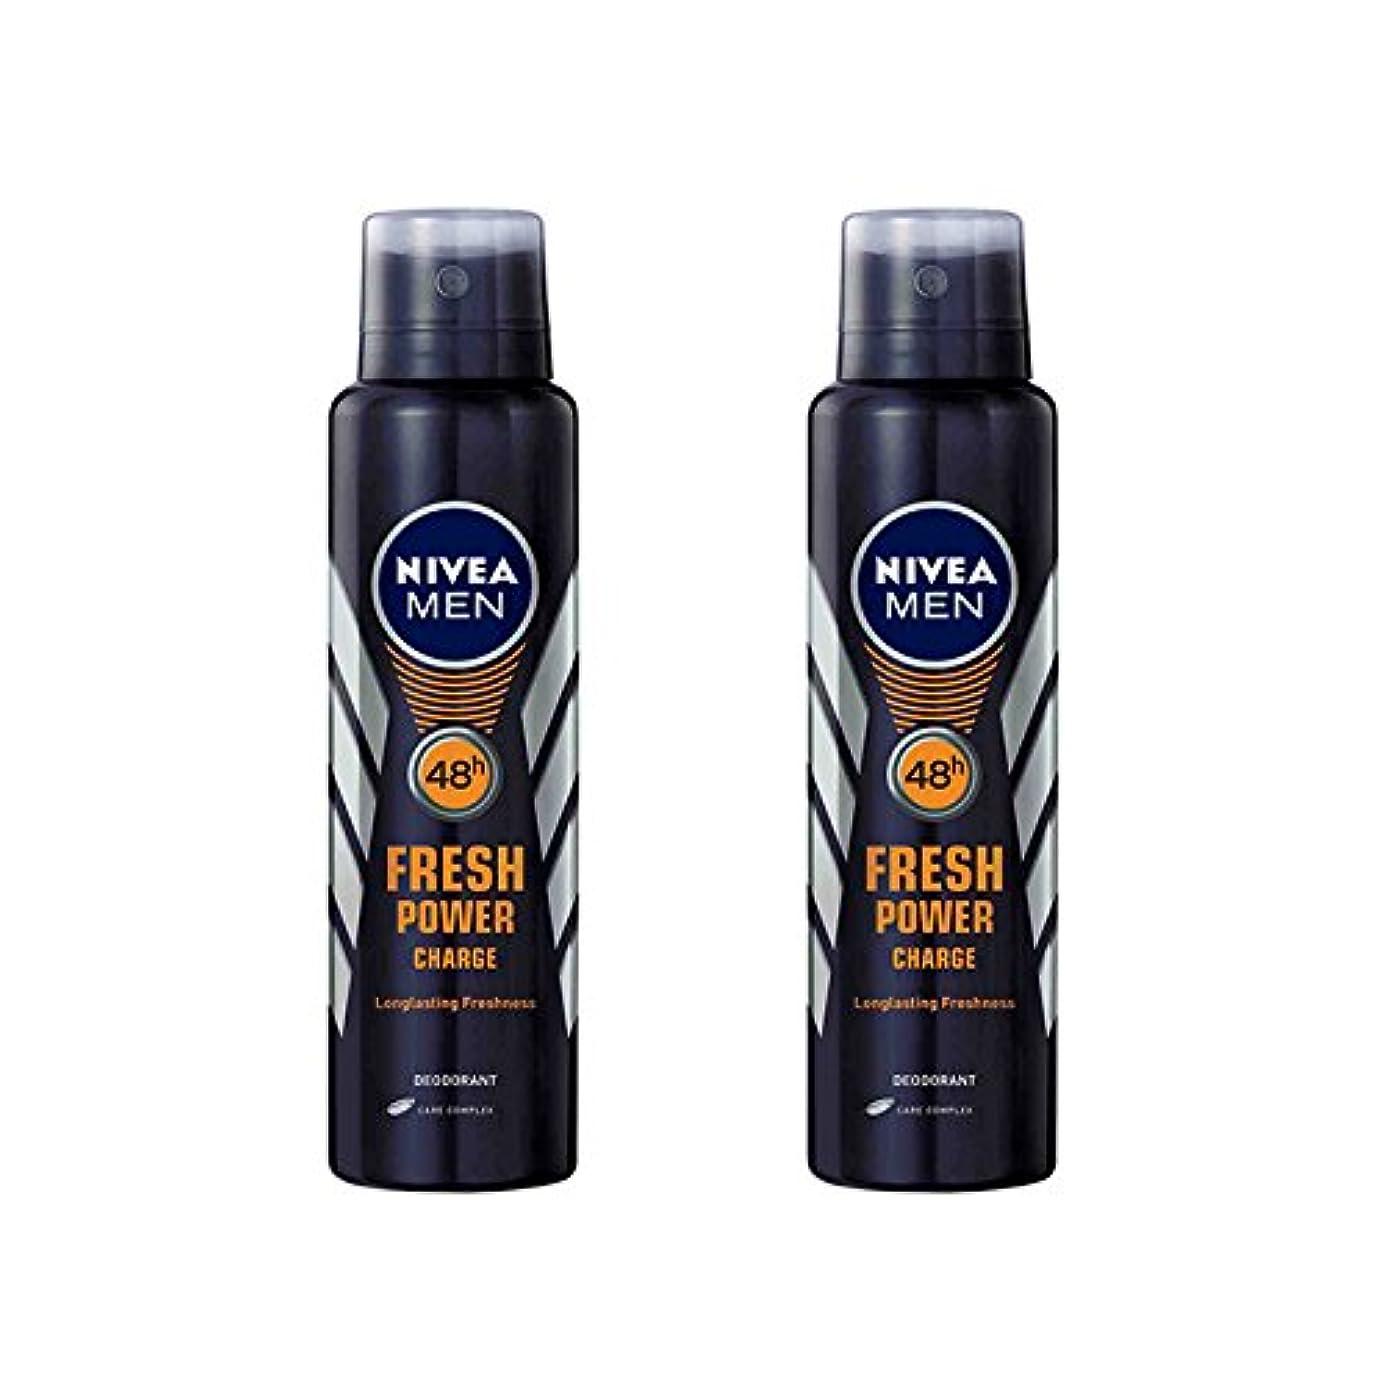 アピールサスペンド現金2 Lots X Nivea Male Deodorant Fresh Power Charge, 150ml - 並行輸入品 - 2ロットXニベア男性デオドラントフレッシュパワーチャージ、150ml